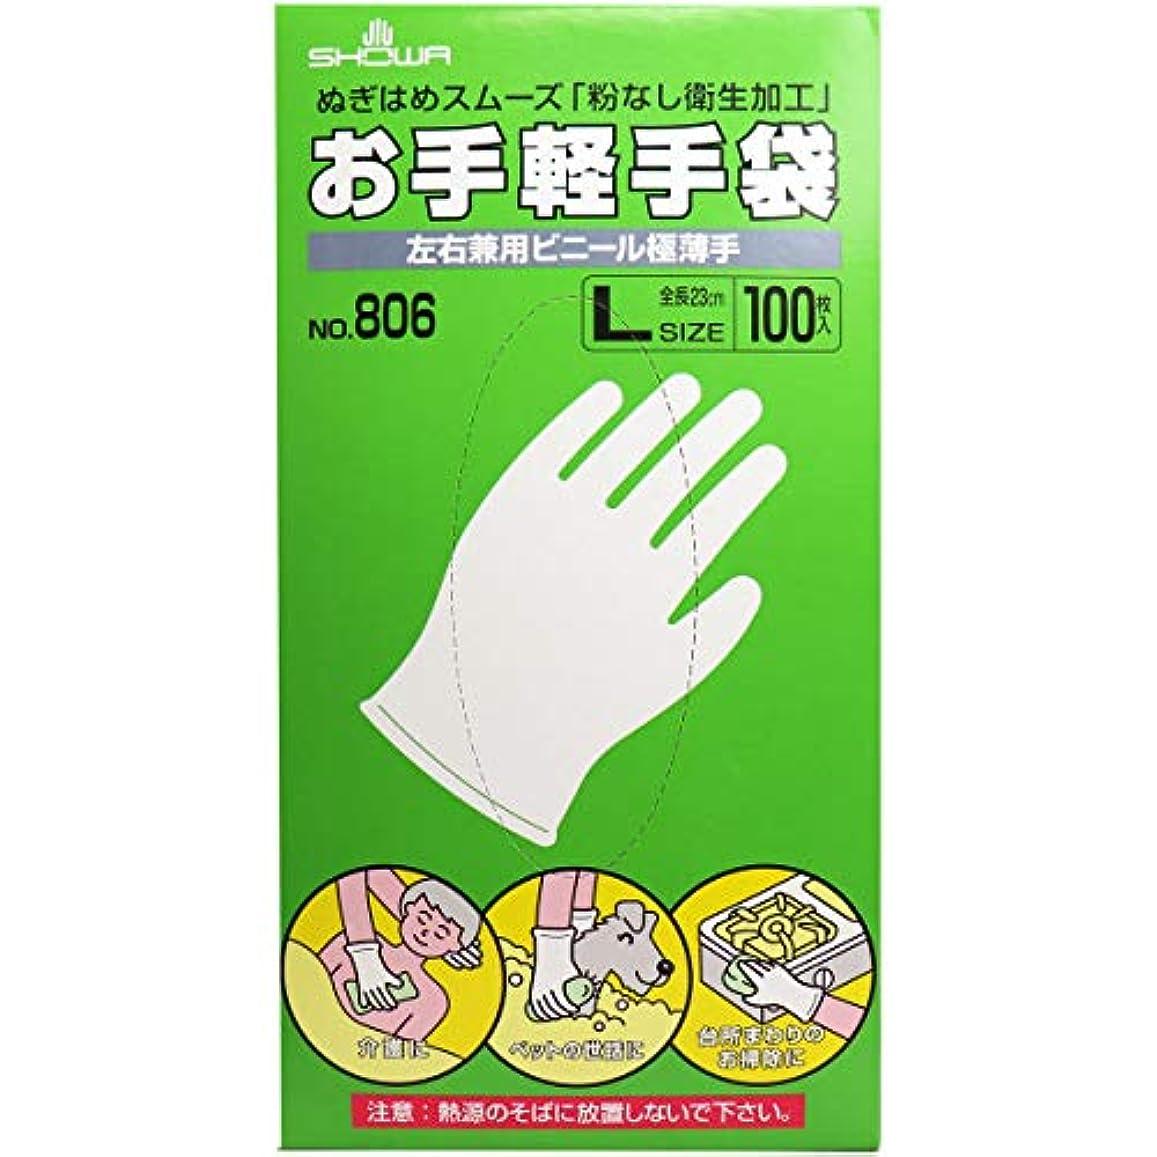 限りなくトースト談話お手軽手袋 No.806 左右兼用ビニール極薄手 粉なし Lサイズ 100枚入×2個セット